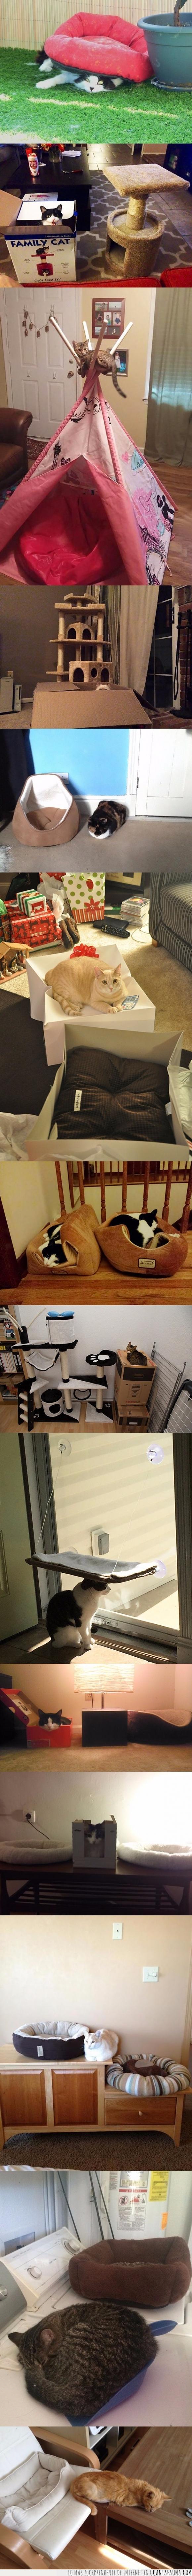 cama,comodidad,comodo,dormir,gato,regalar,regalo